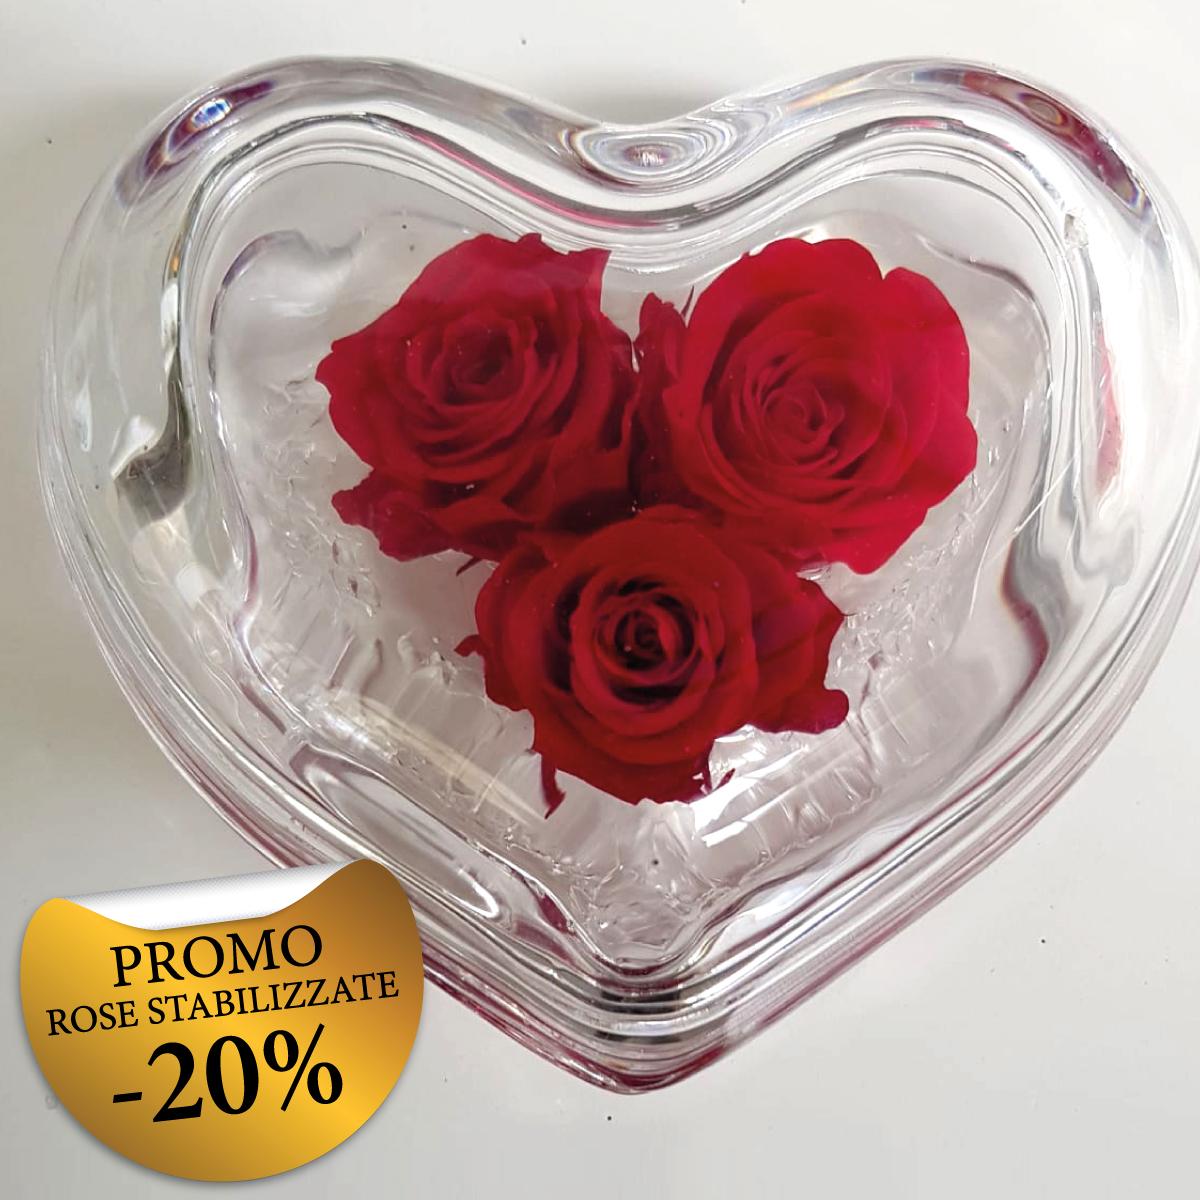 Promo Rose Stabilizzate